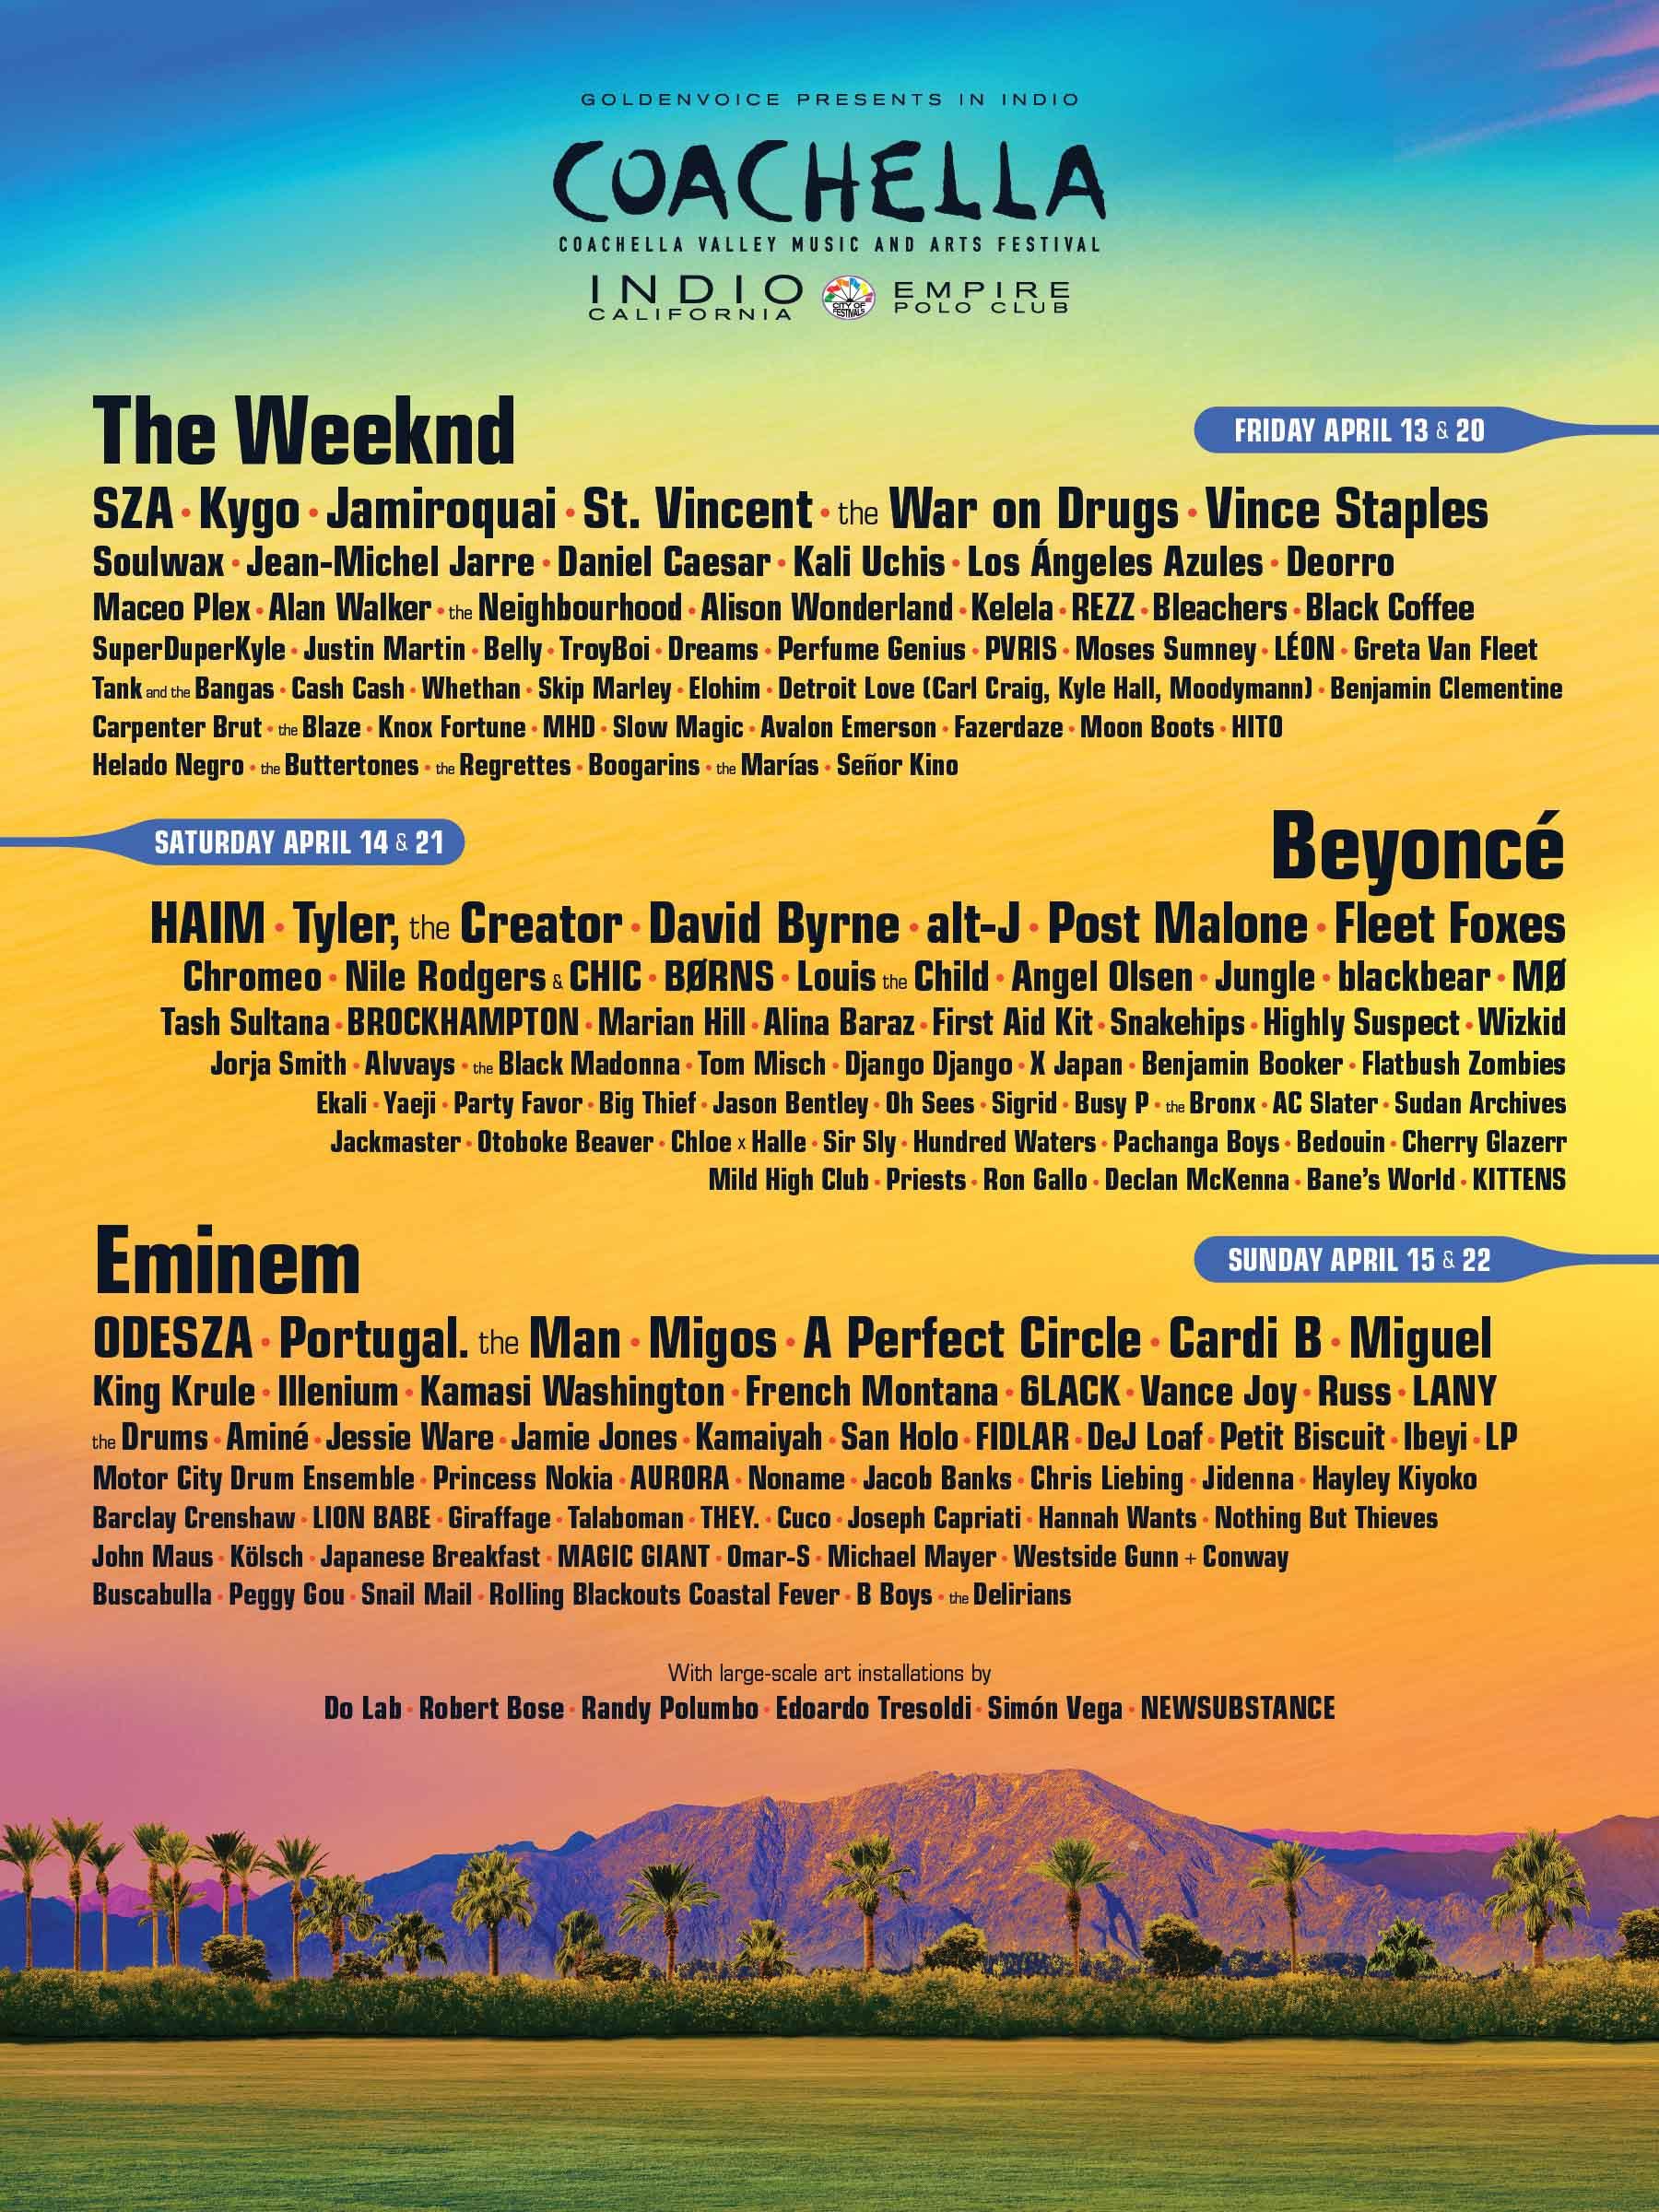 Coachella、2018年のラインナップが発表。ヘッドライナーはBeyoncé、Eminem、The Weeknd